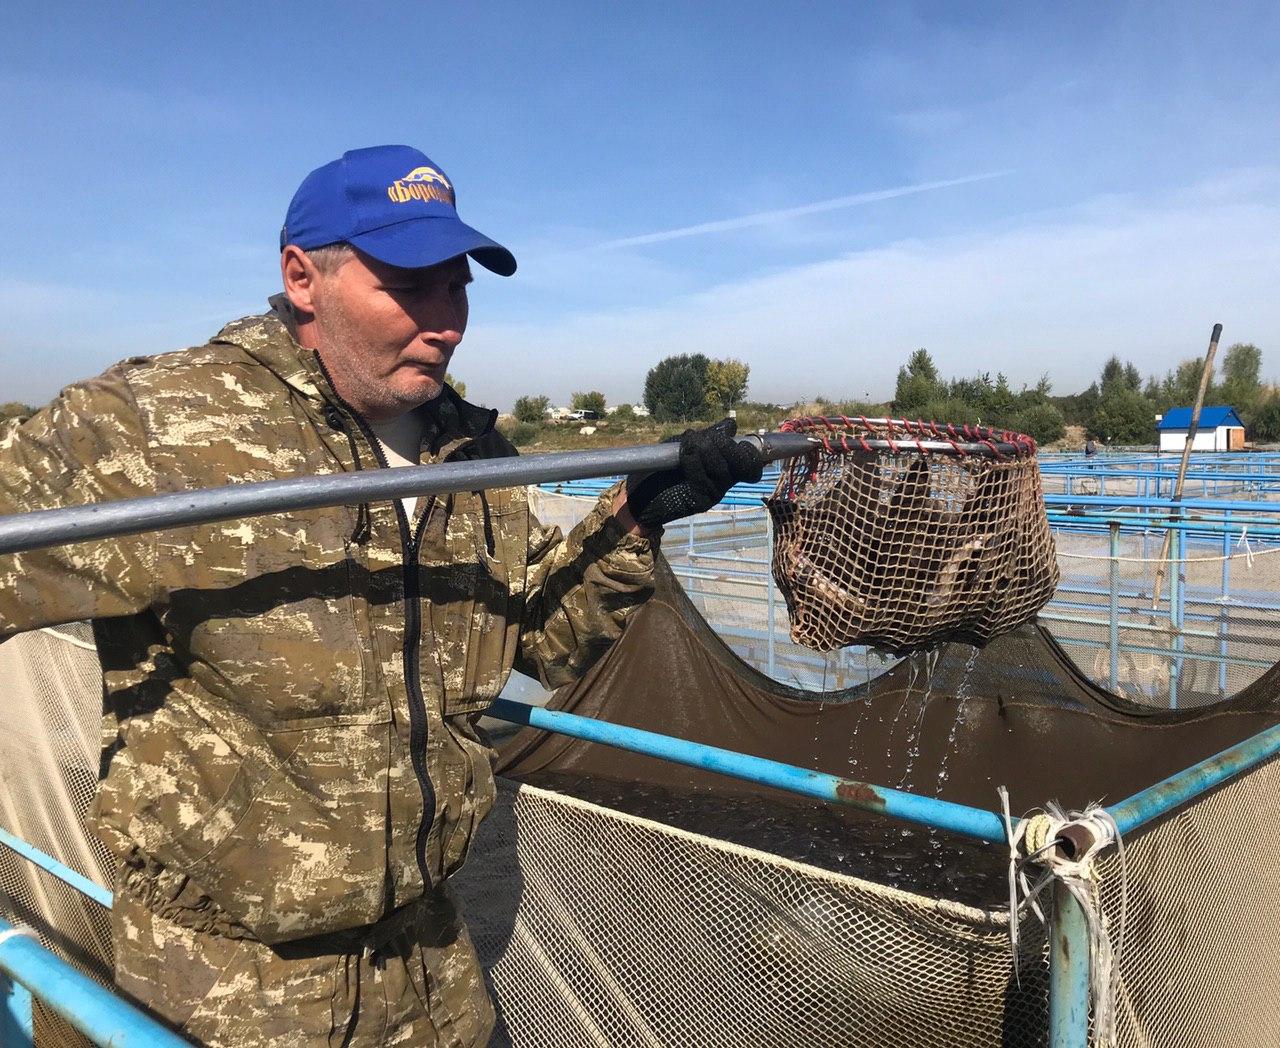 В Иртыш выпустили более 1000 мальков краснокнижного осетра #Омск #Общество #Сегодня